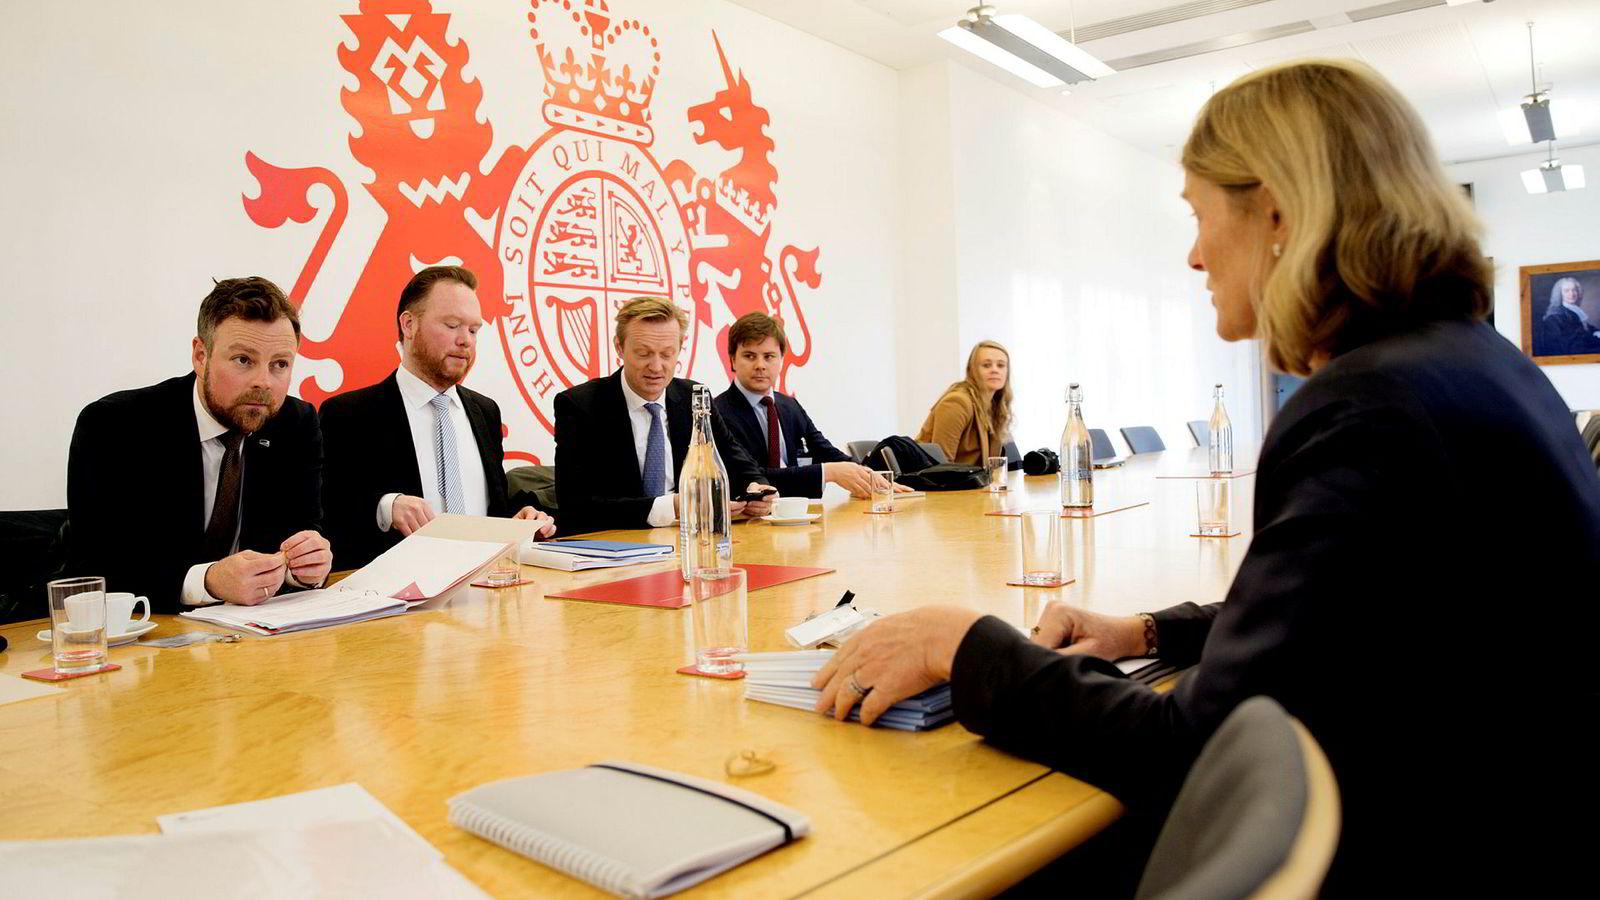 I november i fjor besøkte næringsminister Torbjørn Røe Isaksen det britiske dagligvareombudet Christine Tacon i London. Nå etablerer han et tilsyn basert på en lignende modell i Grenland.